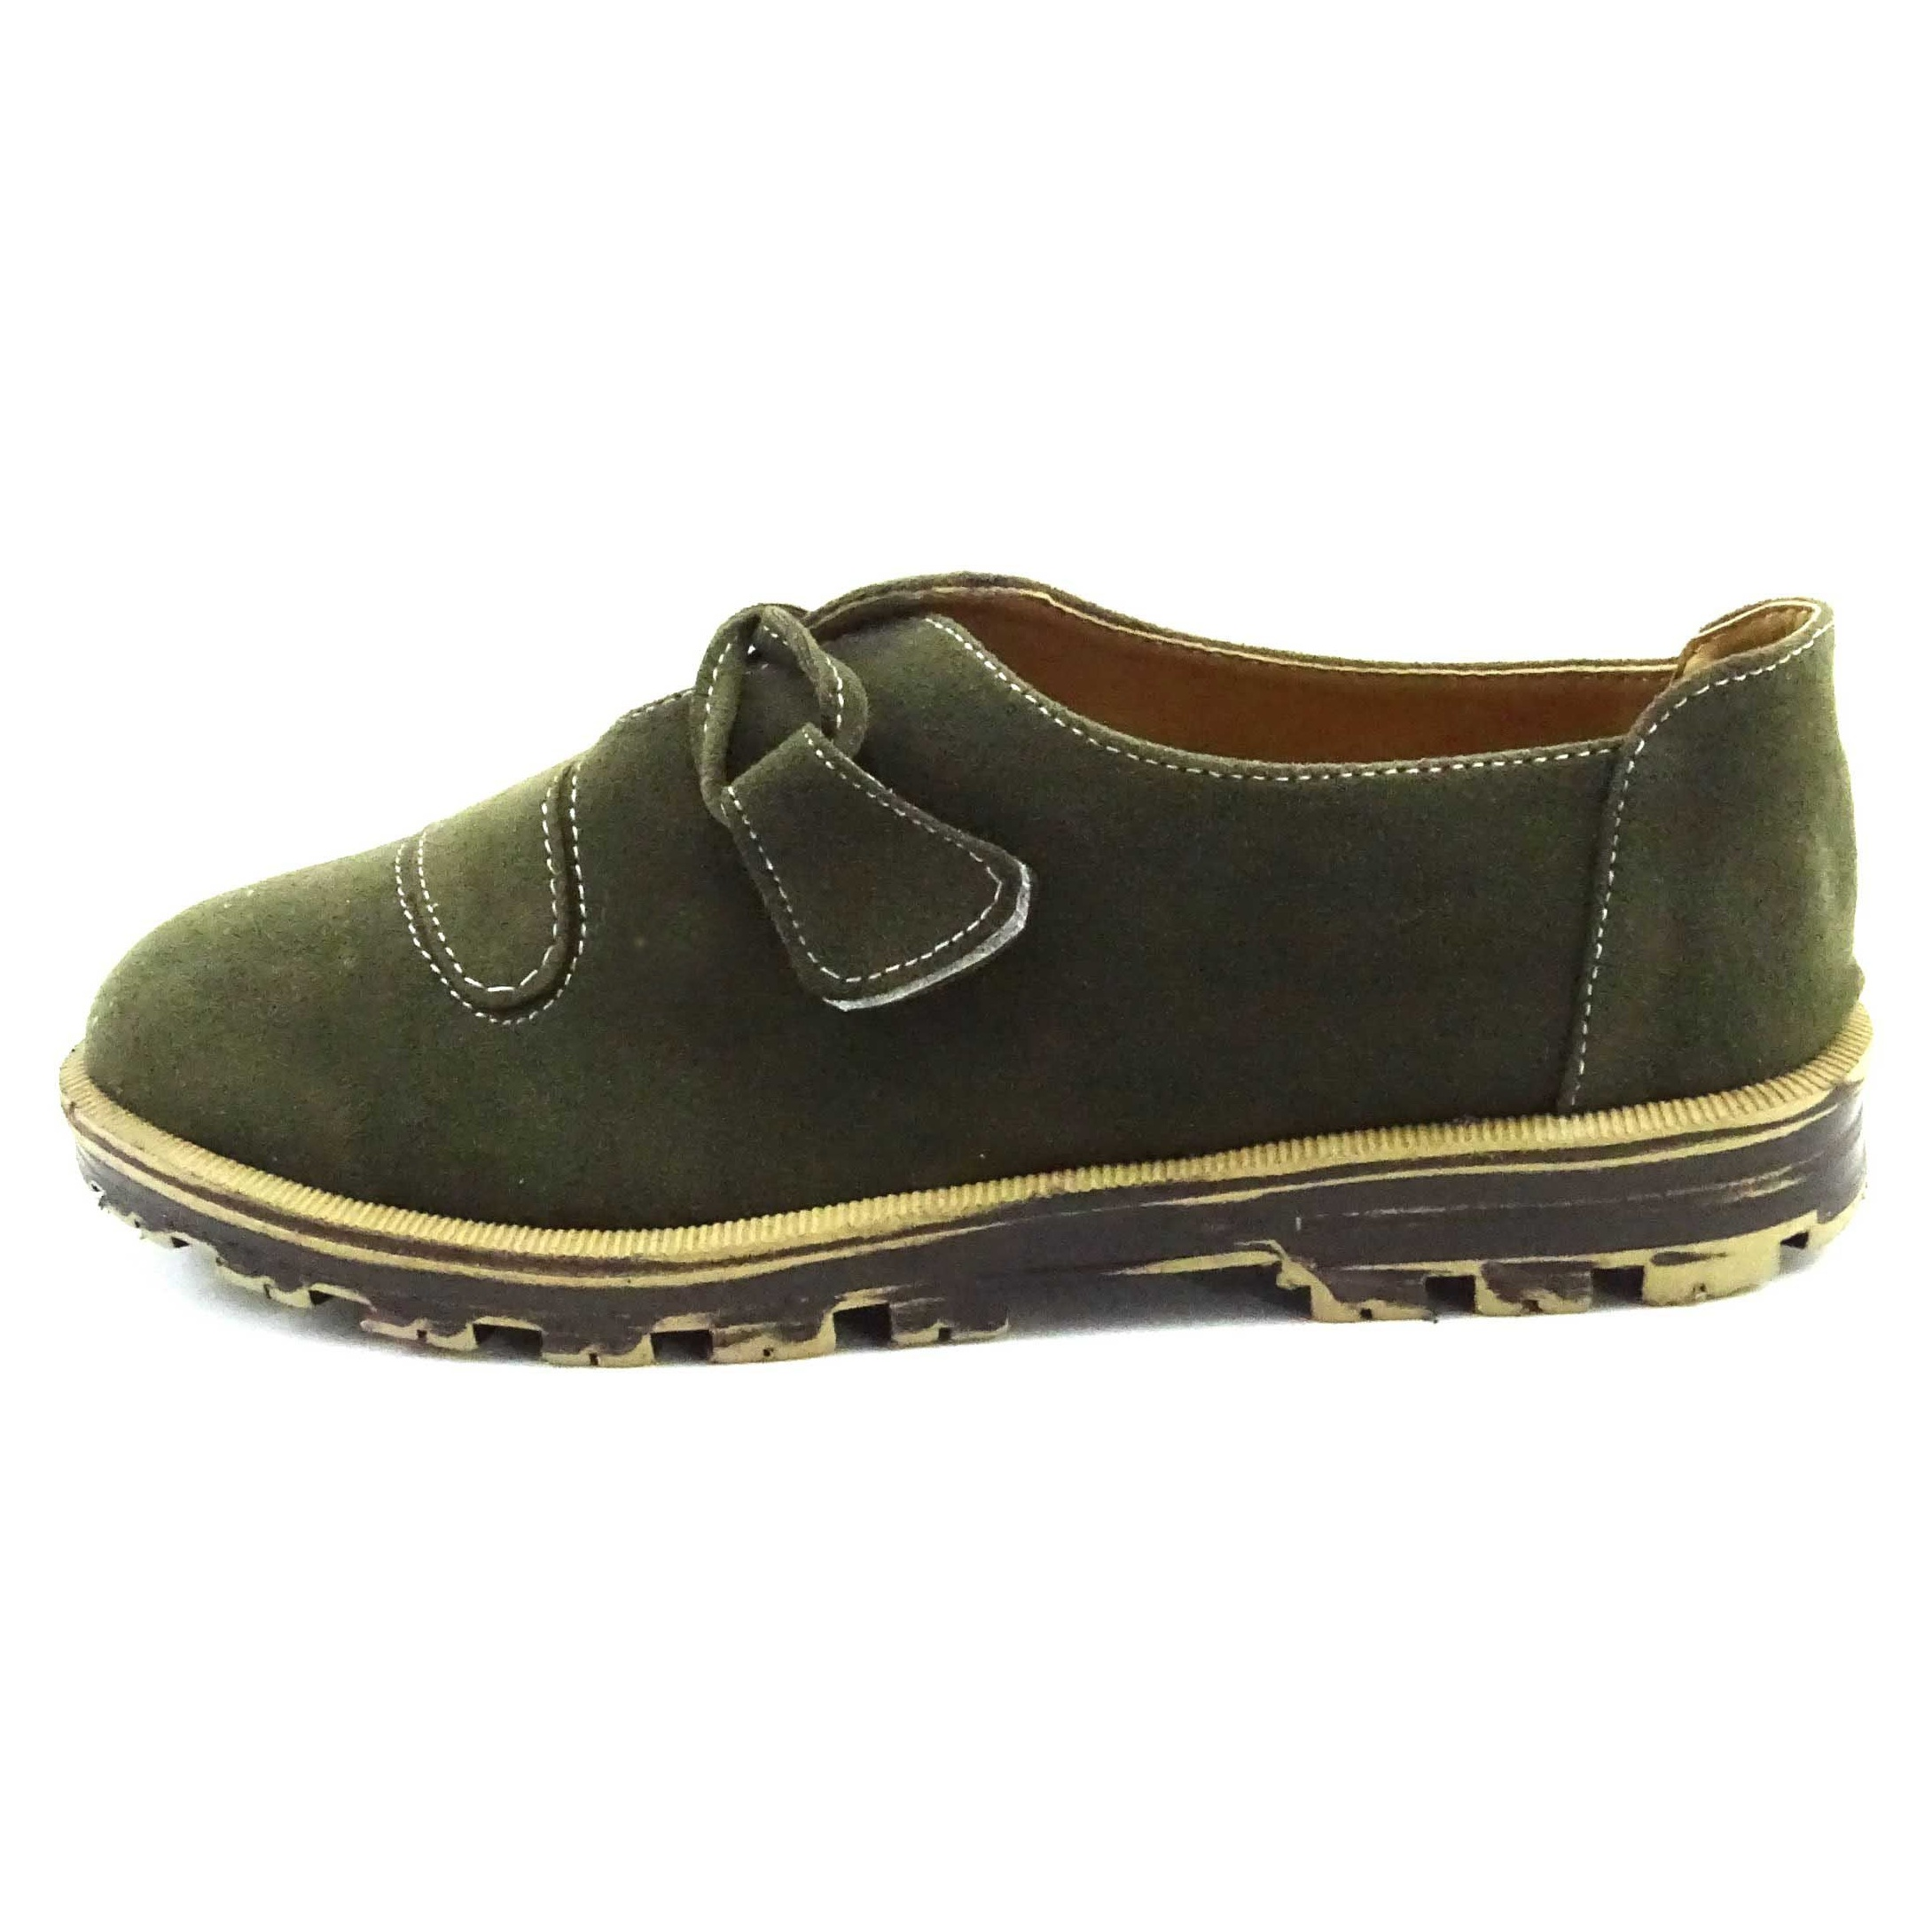 کفش روزمره نه آذاردو مدل W03303